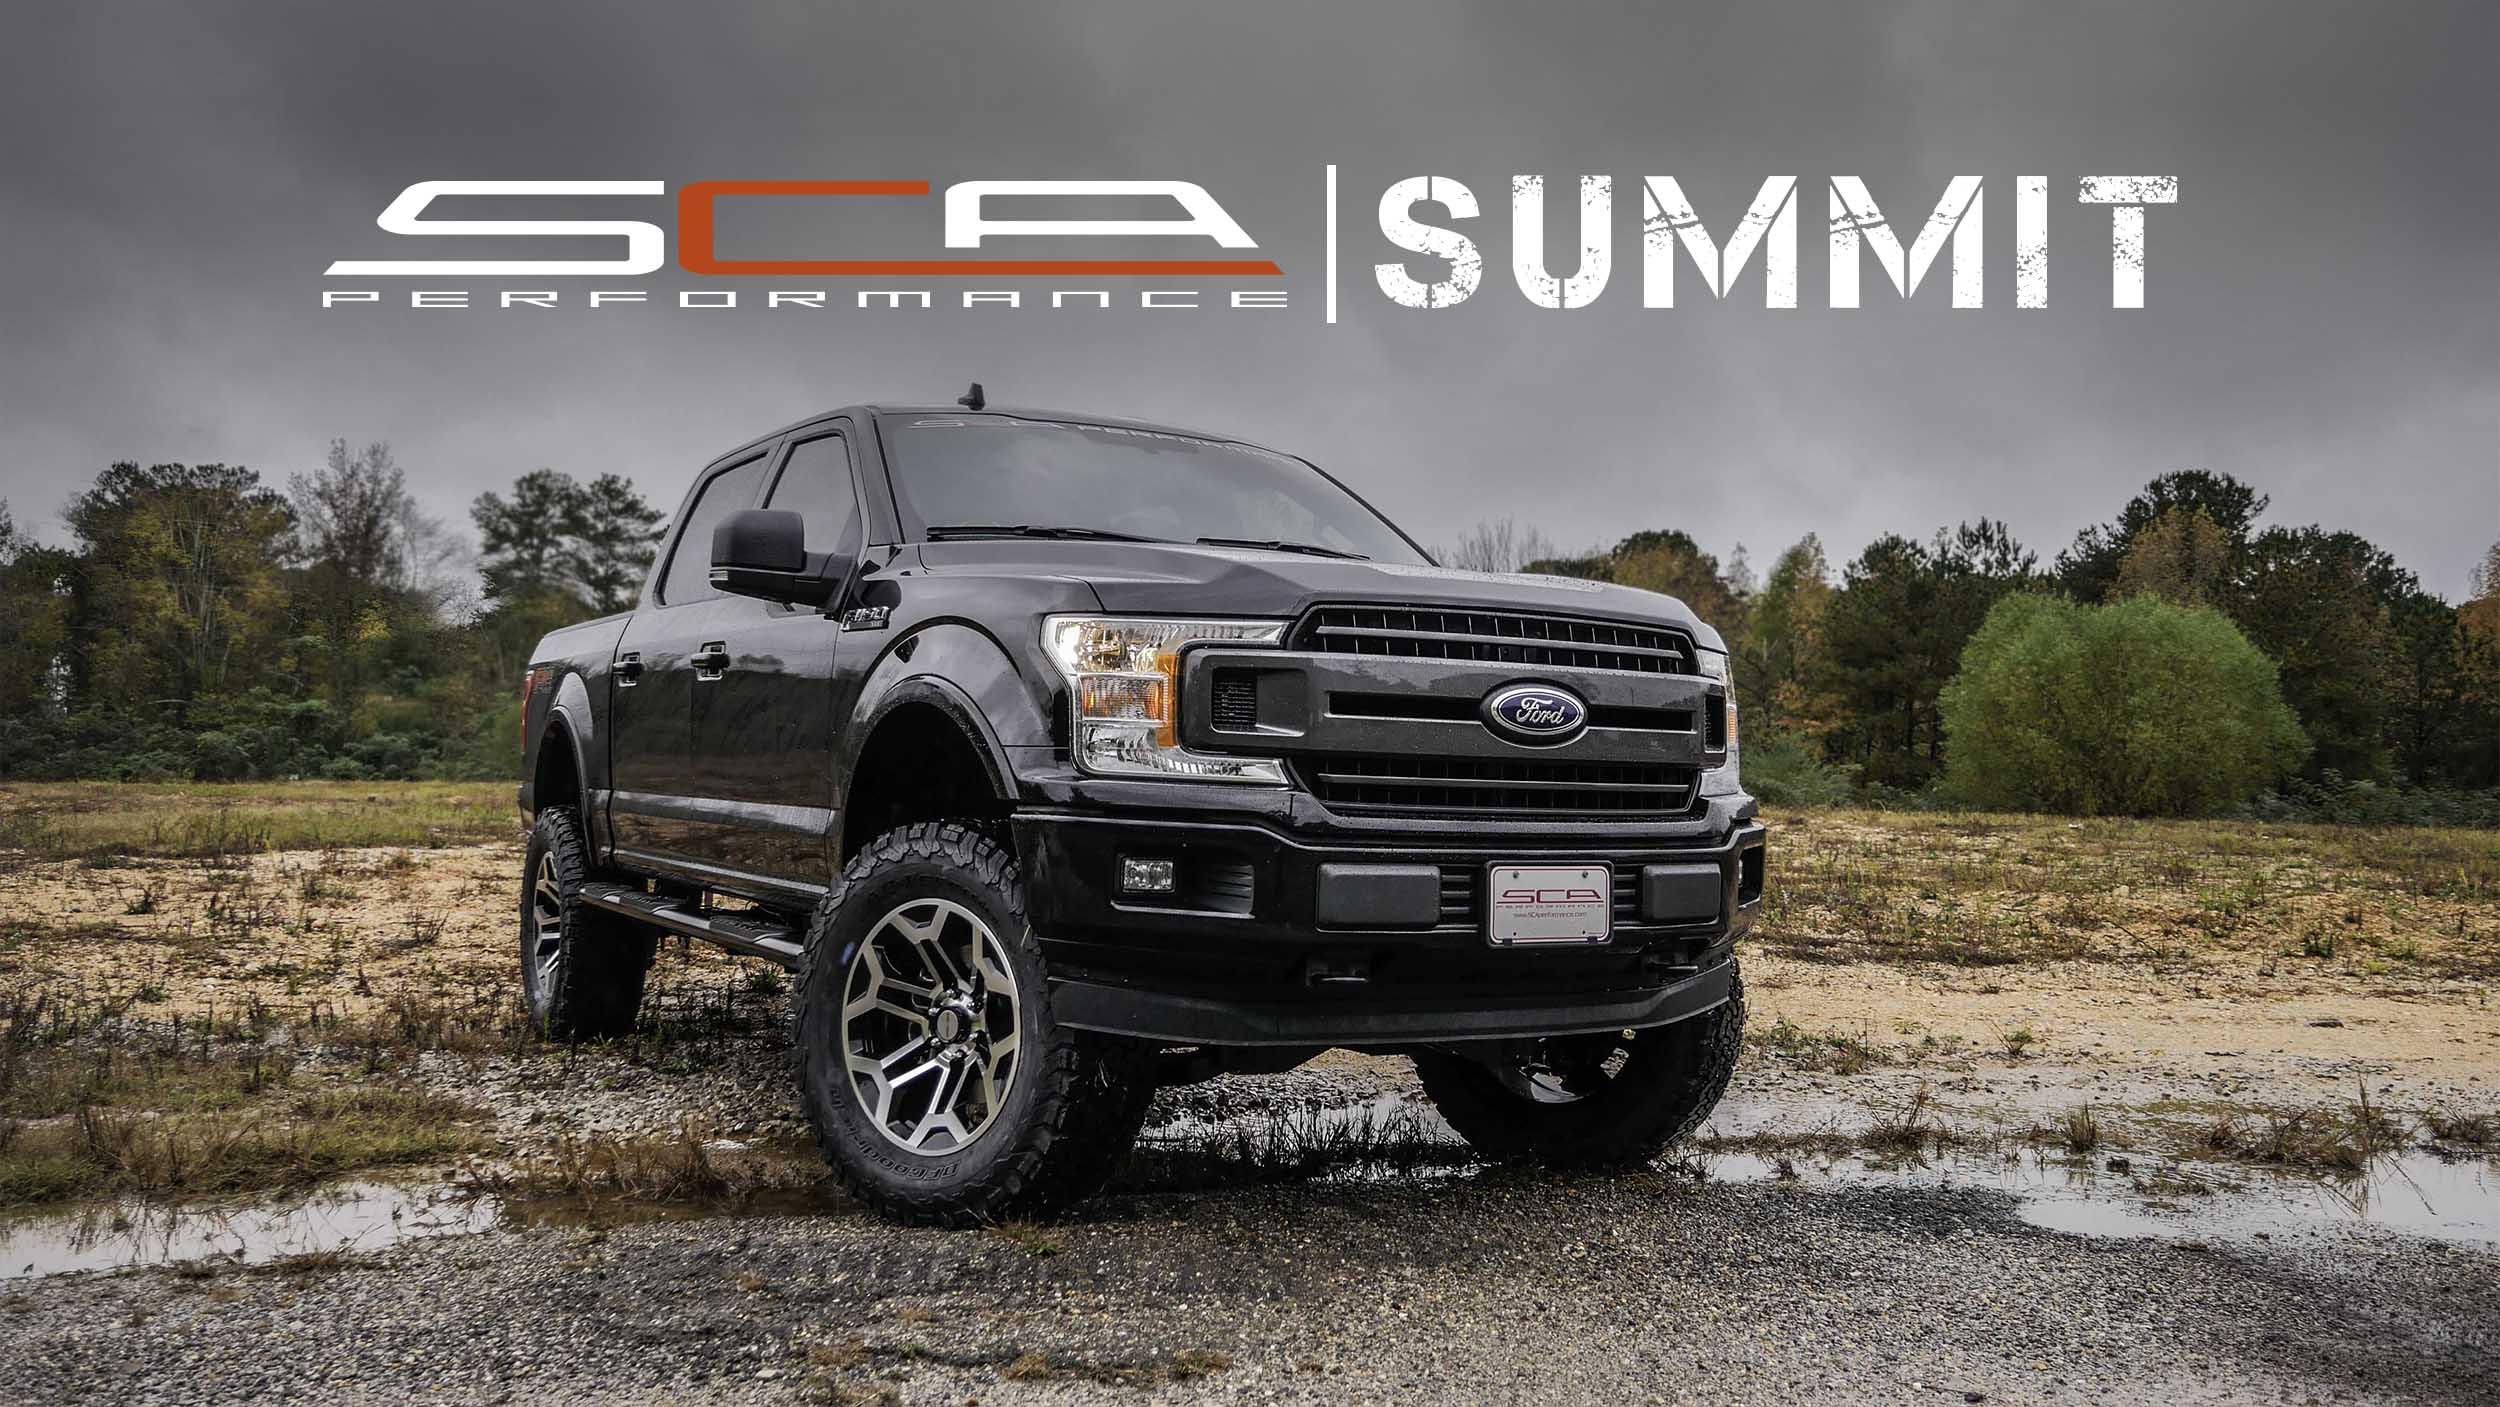 Ford Summit Website Homepage Banner.jpg